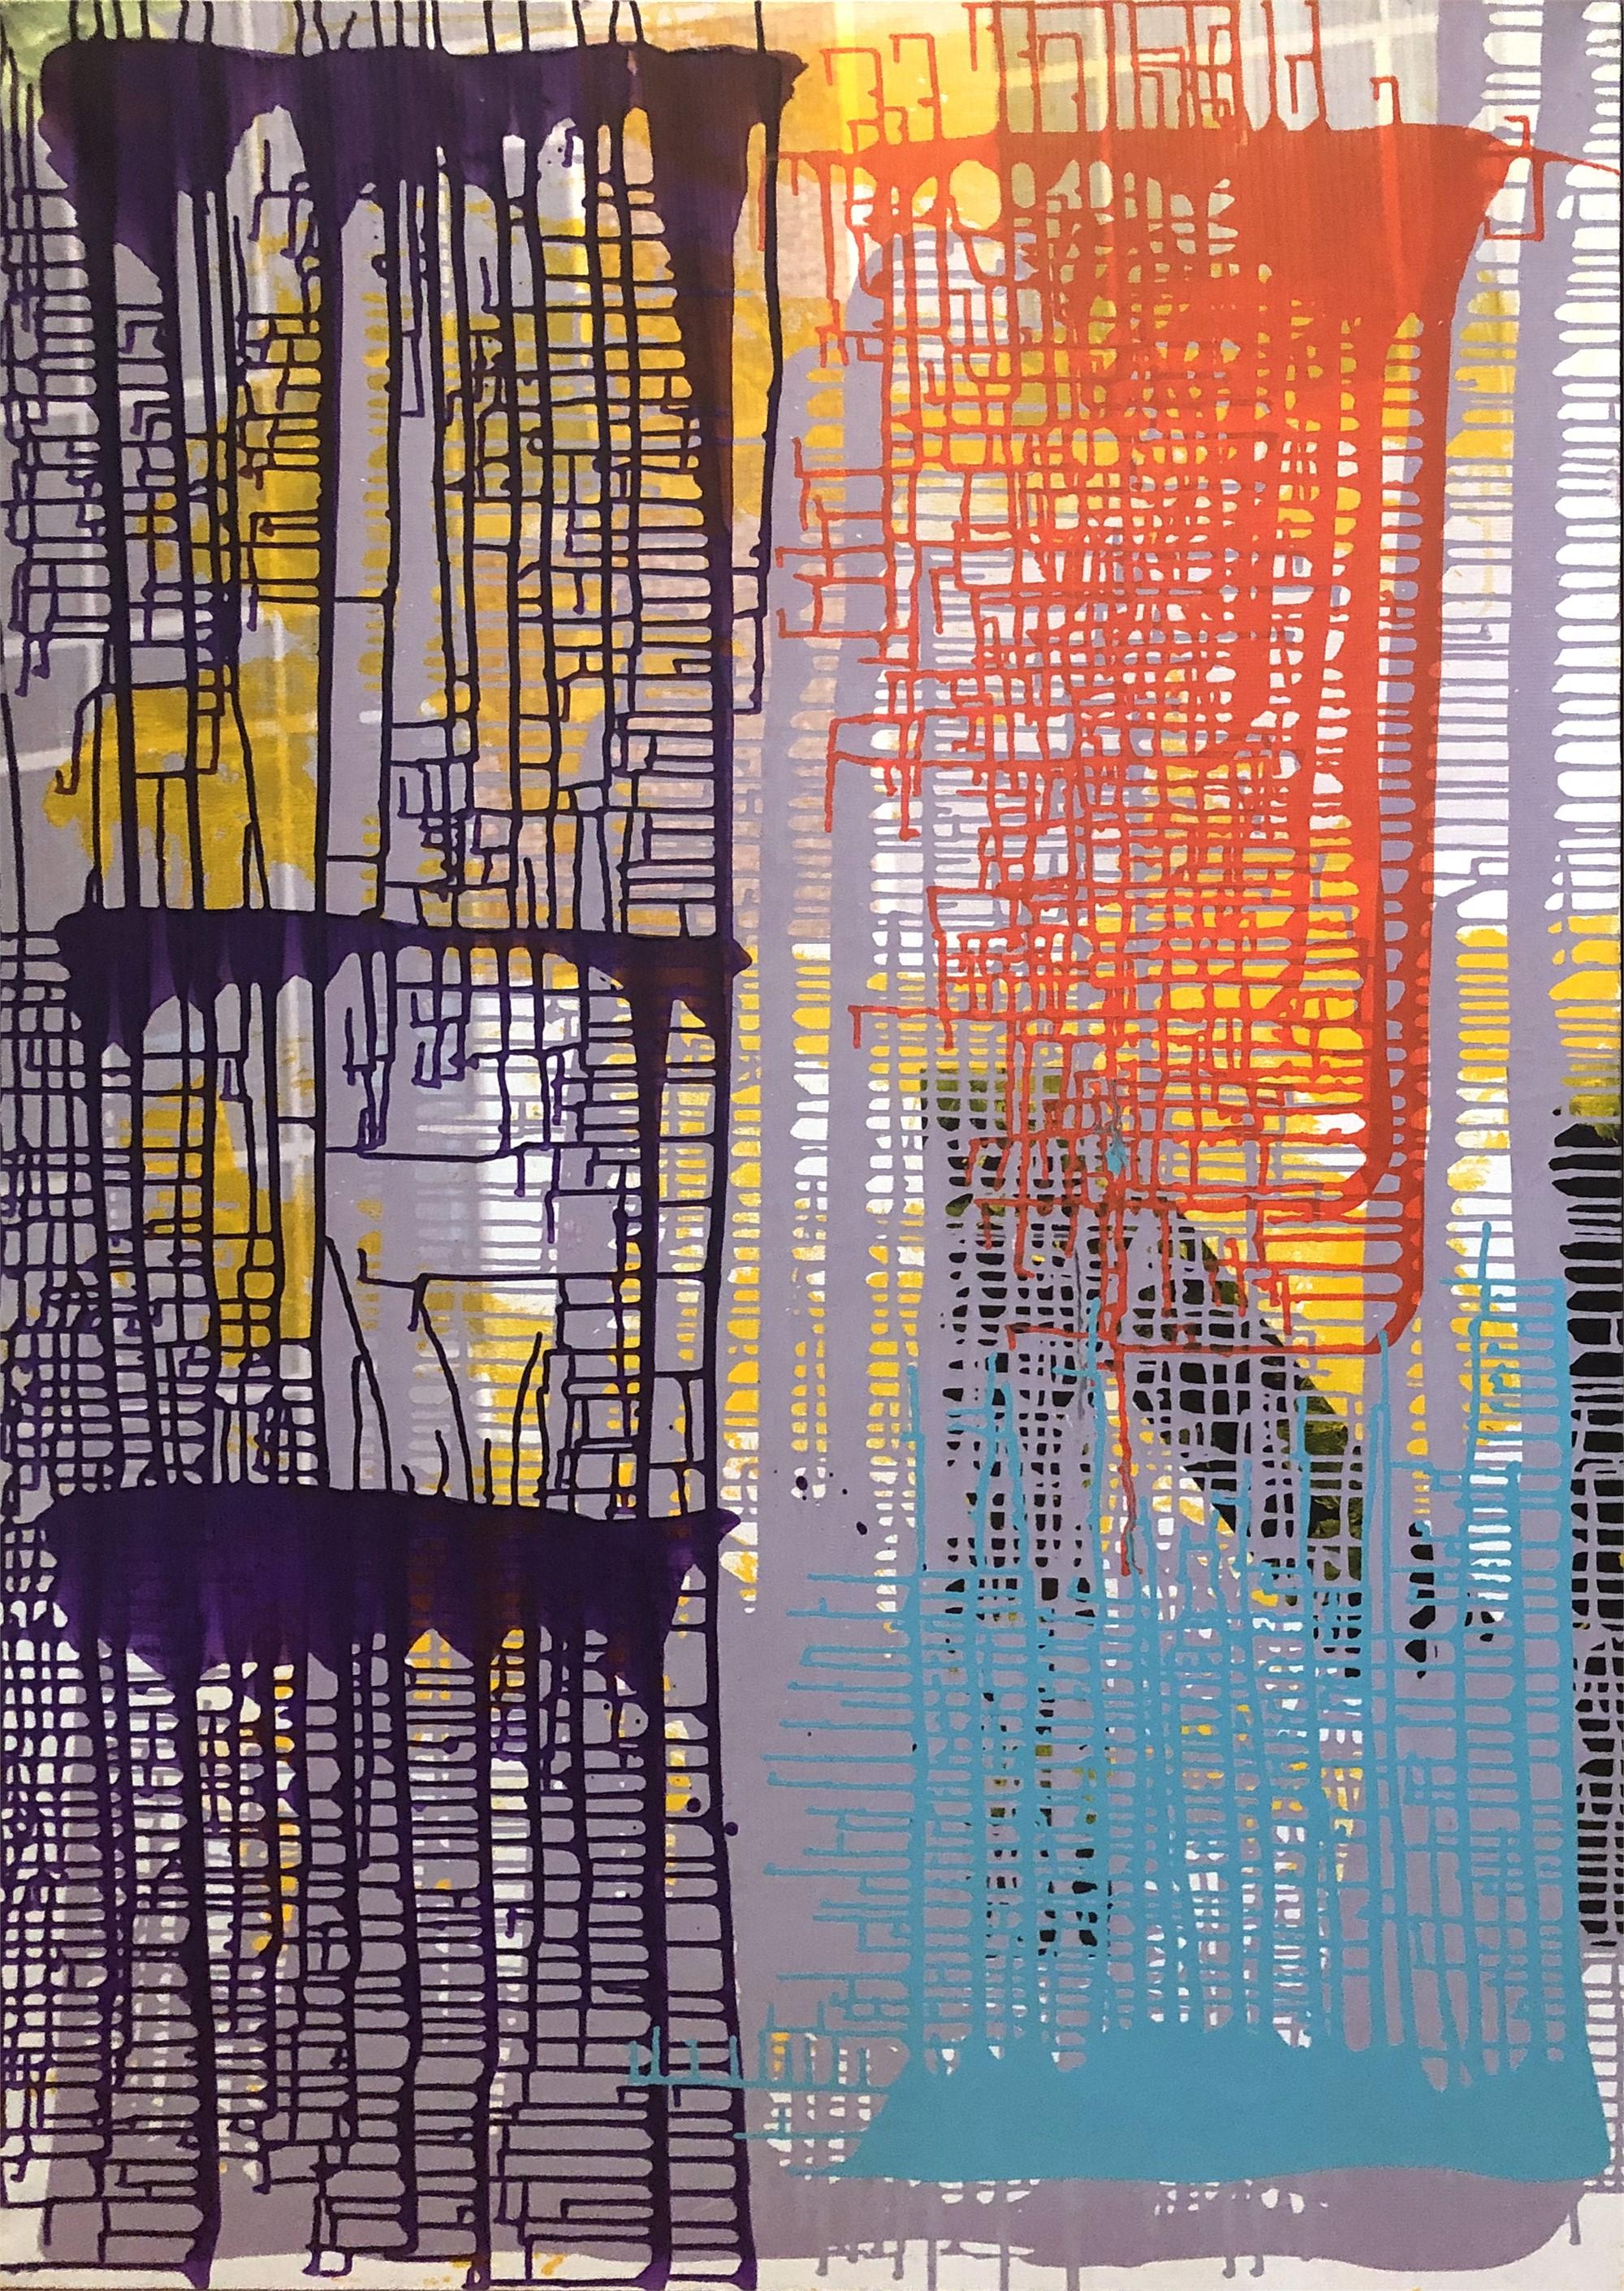 Second Floor by Ibsen Espada